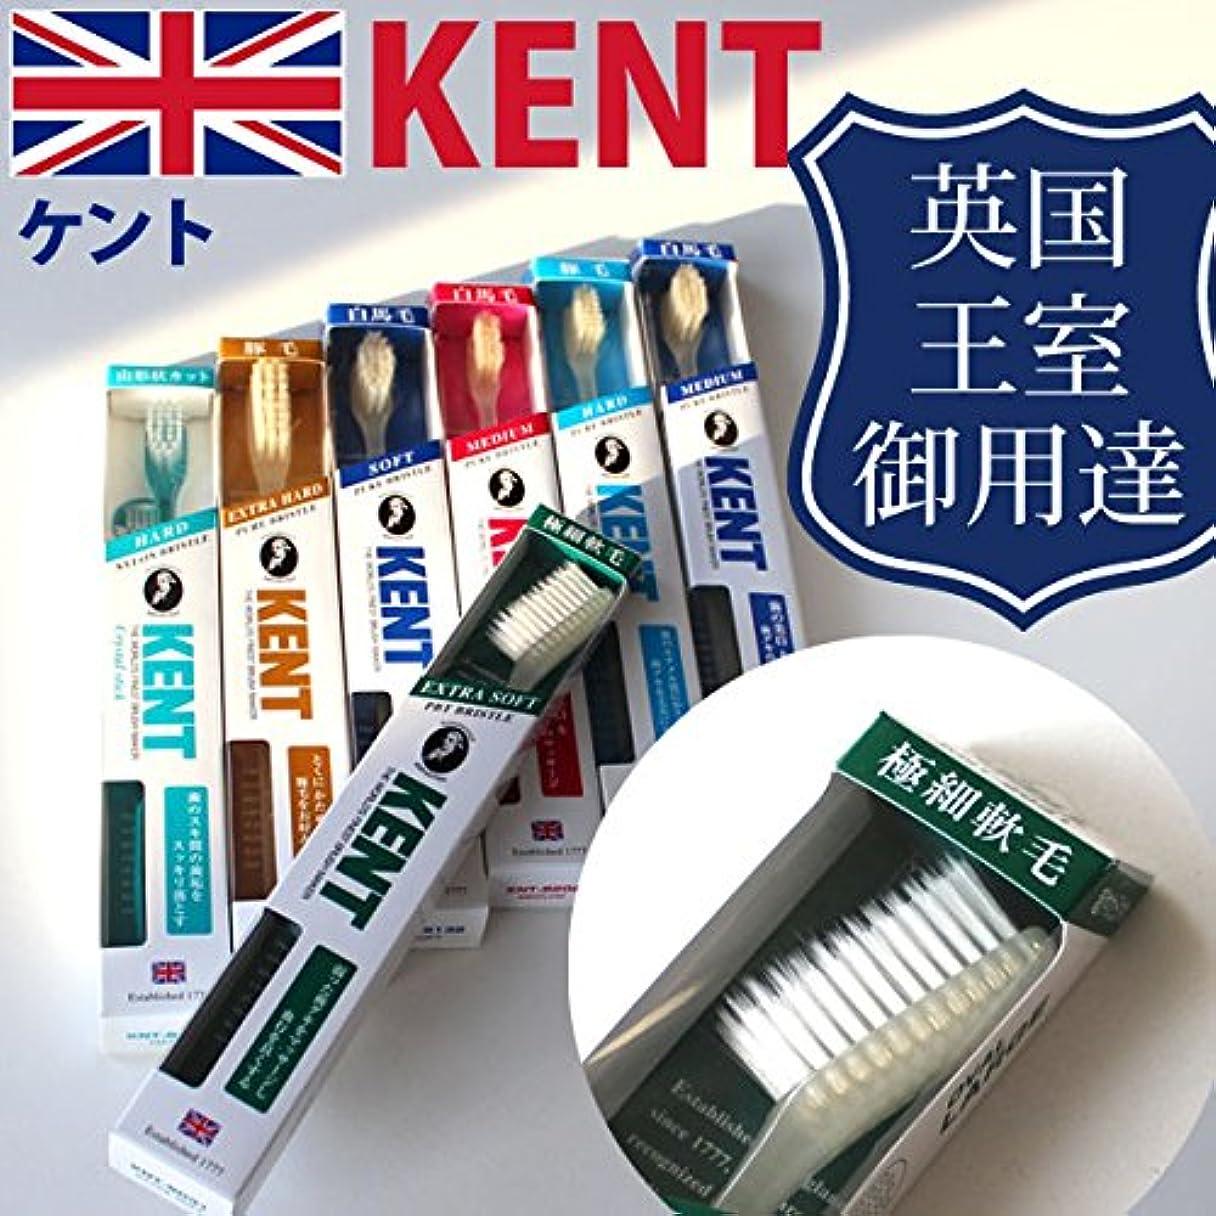 好色なエッセンス住居ケント KENT オーバルラージヘッド極細軟毛/歯ブラシKNT-9031 超やわらかめ 6本入り